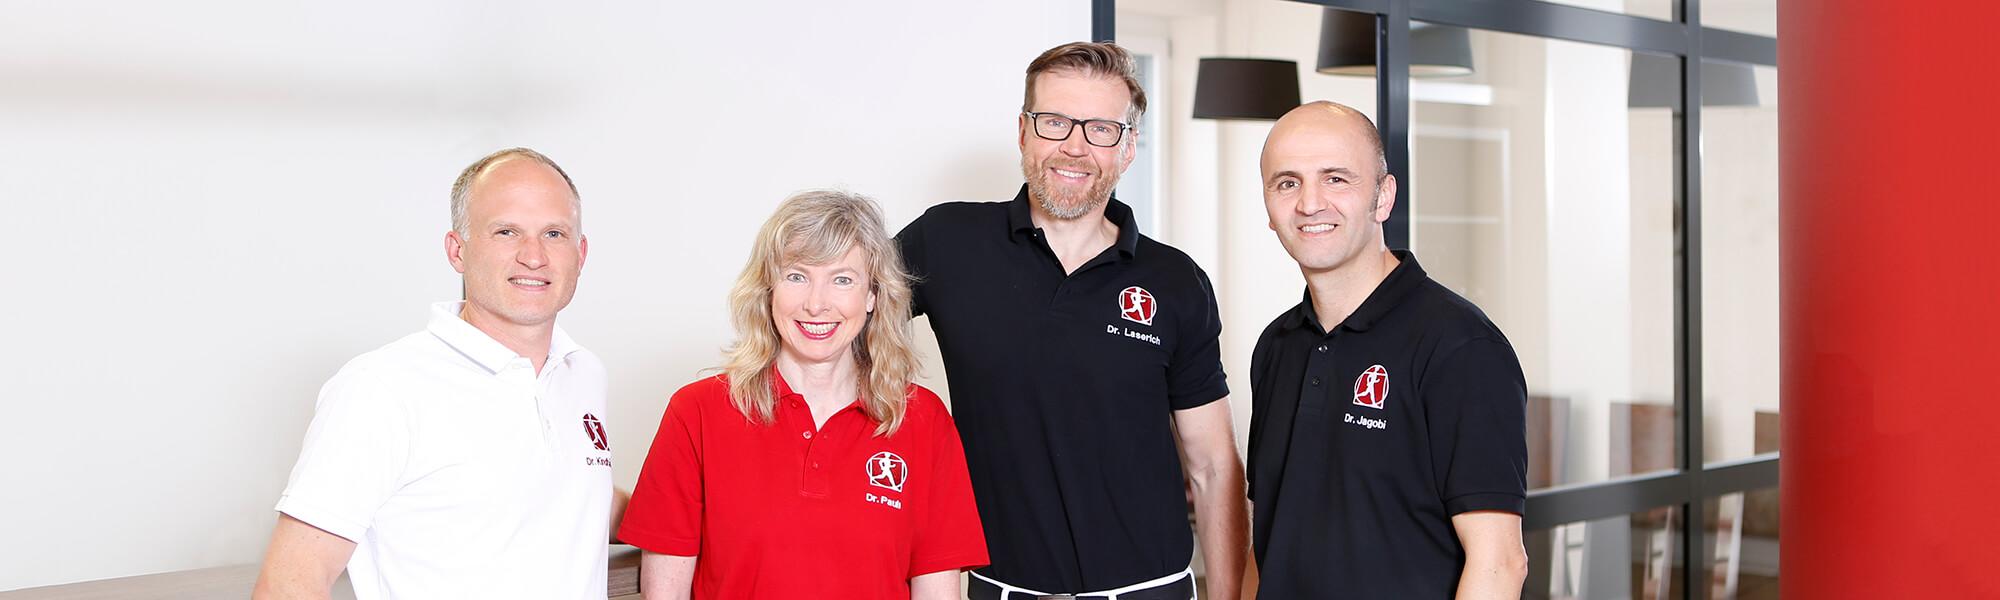 Orthopädie Velbert - Dr. Kindhäuser & Dr. Laserich